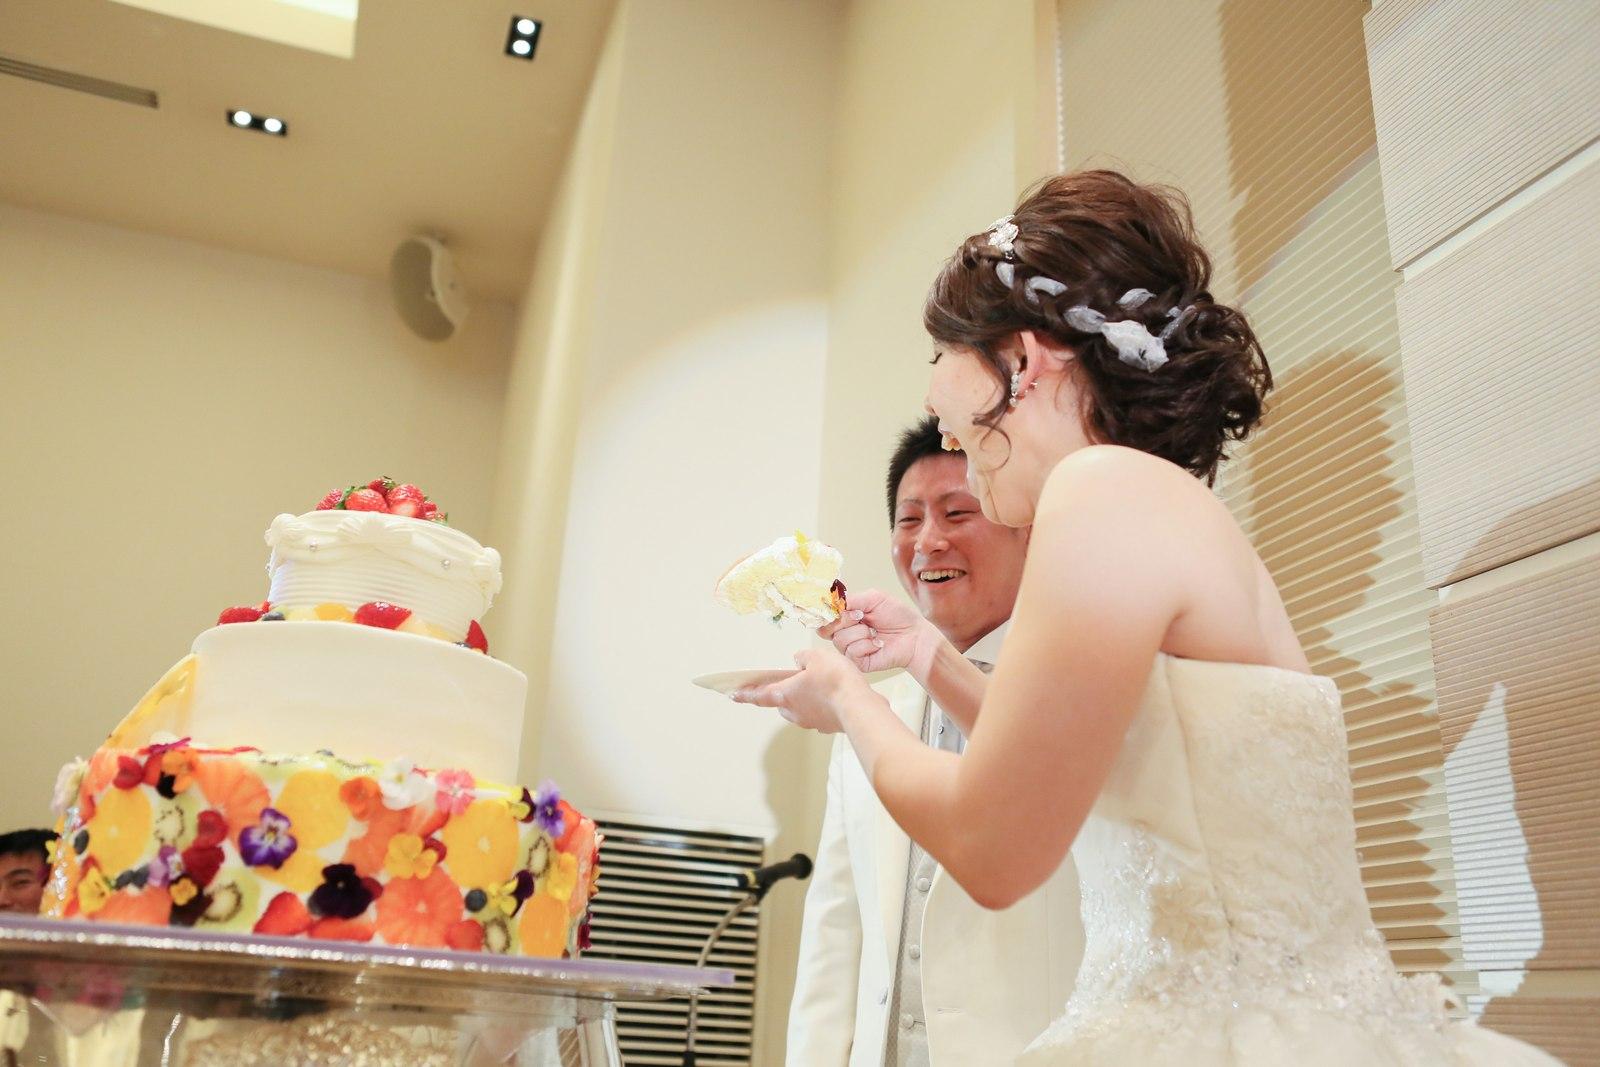 高松市の結婚式場アイルバレクラブでファーストバイト